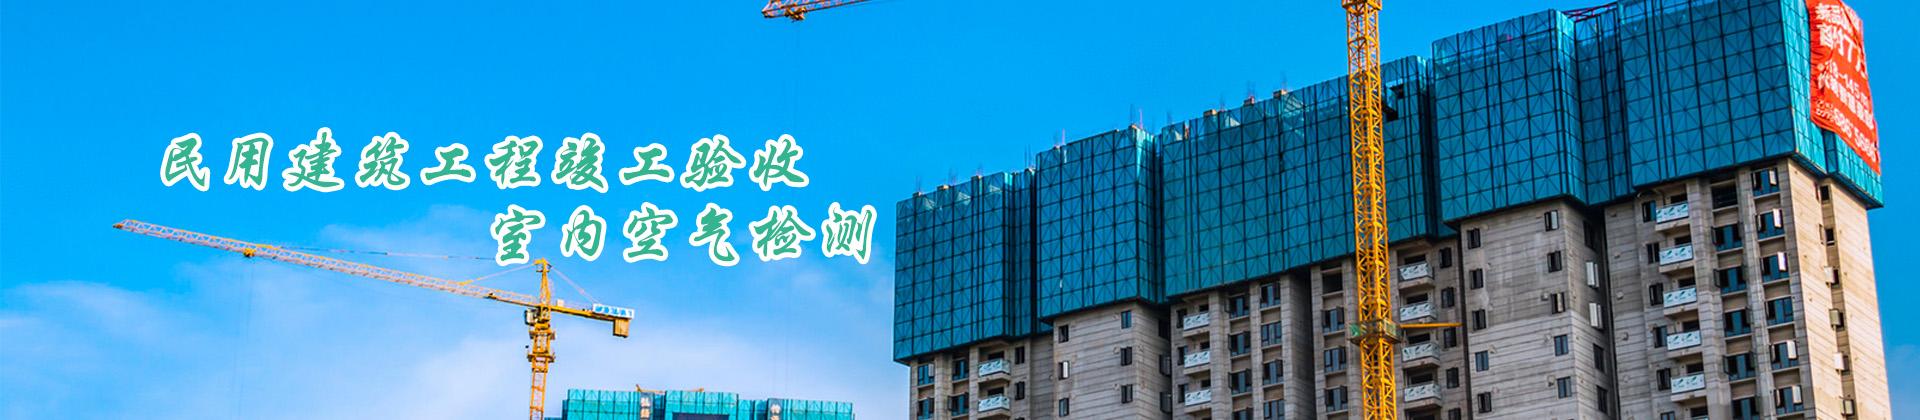 建筑工程、空气检测